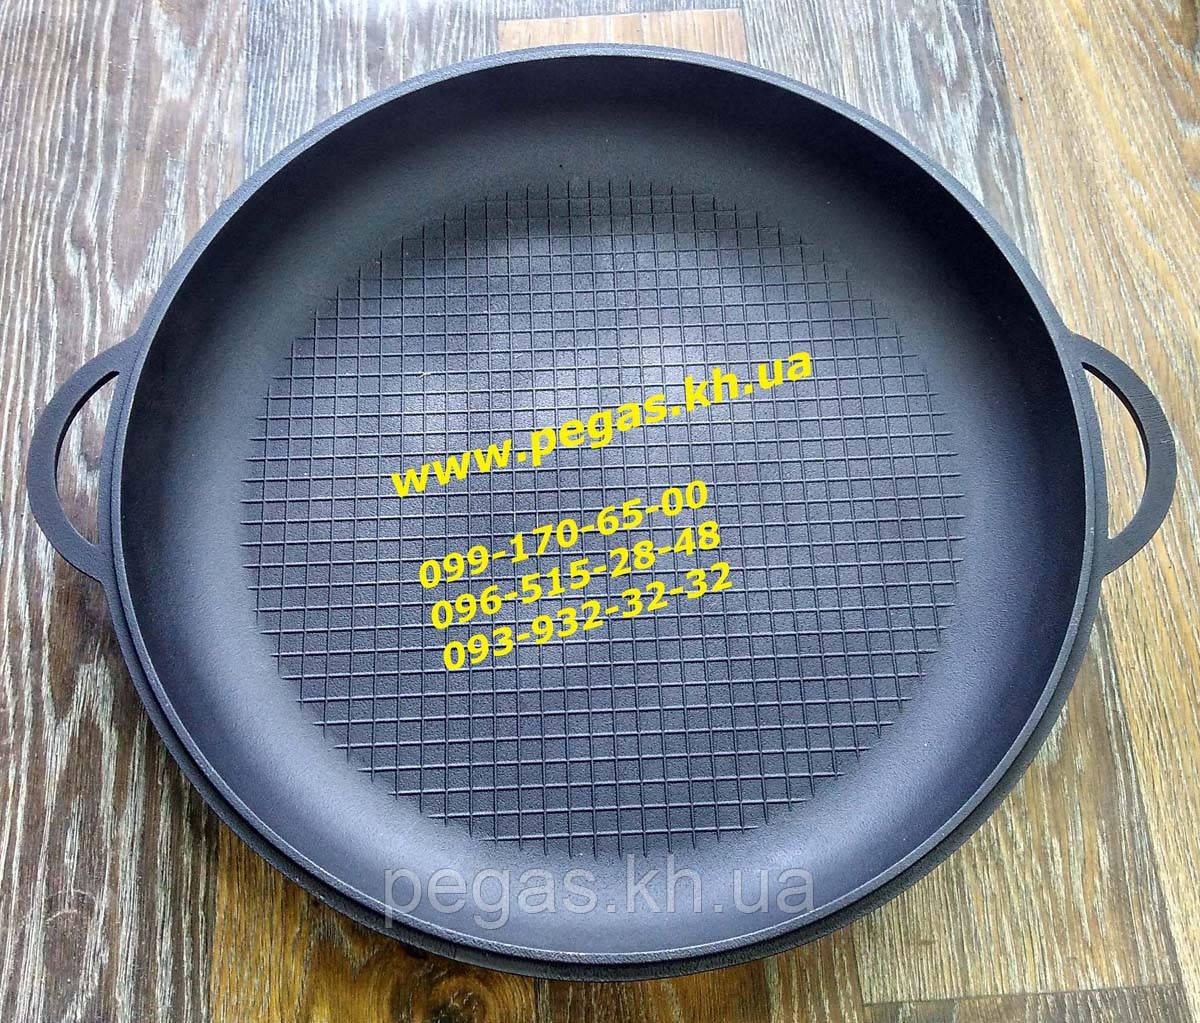 Крышка сковорода чугунная 400 мм. чугунное литье, барбекю, мангал, печи